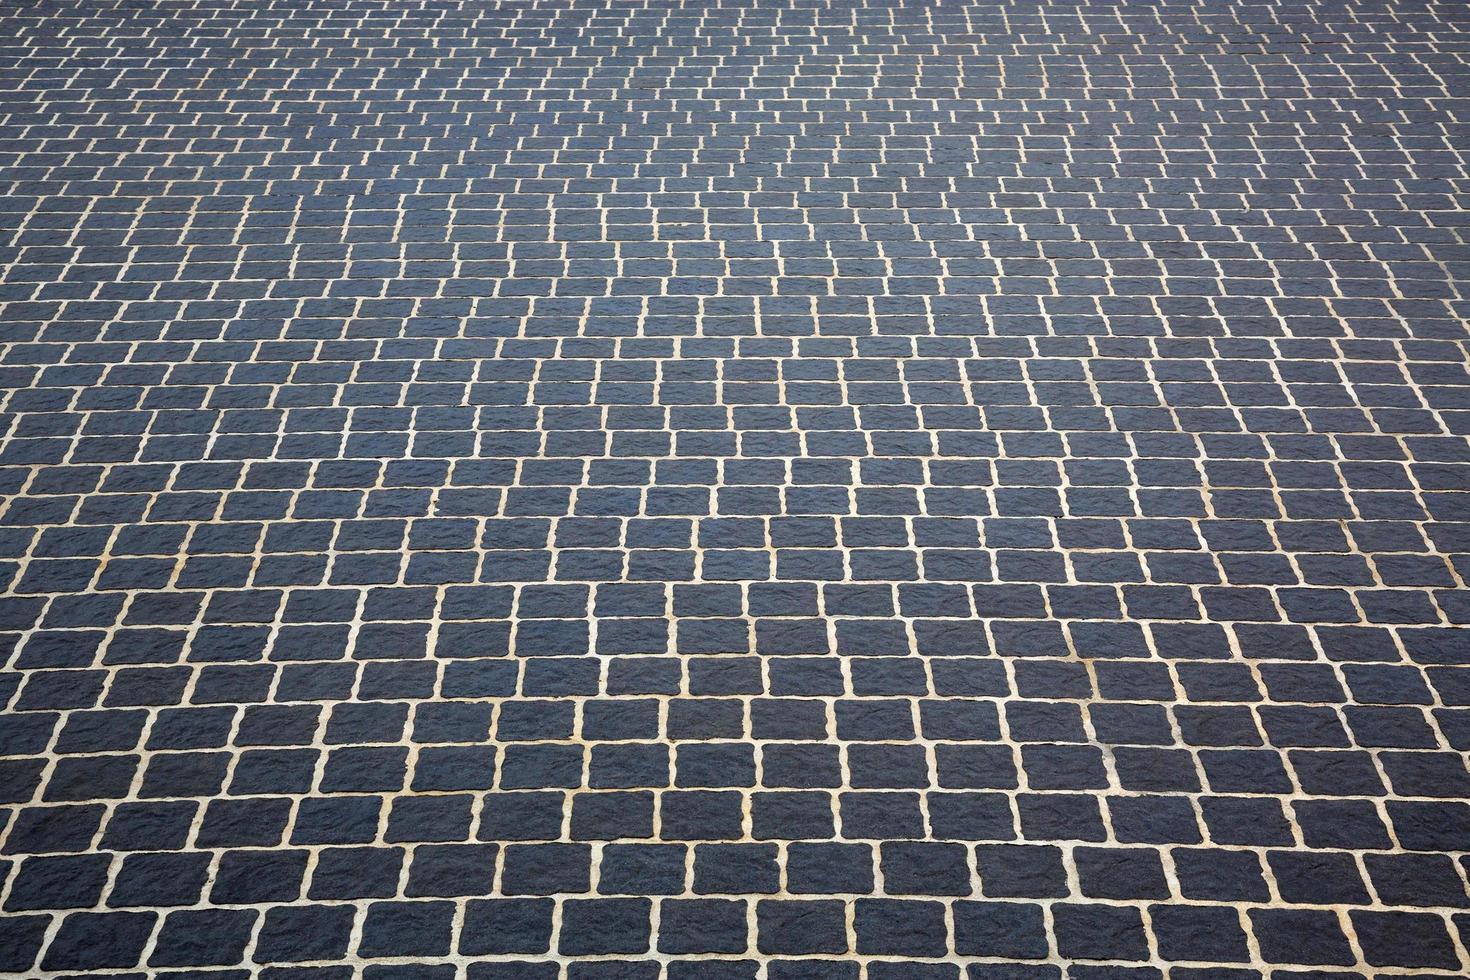 modelli e trame di pavimenti in pietra per lo sfondo. foto